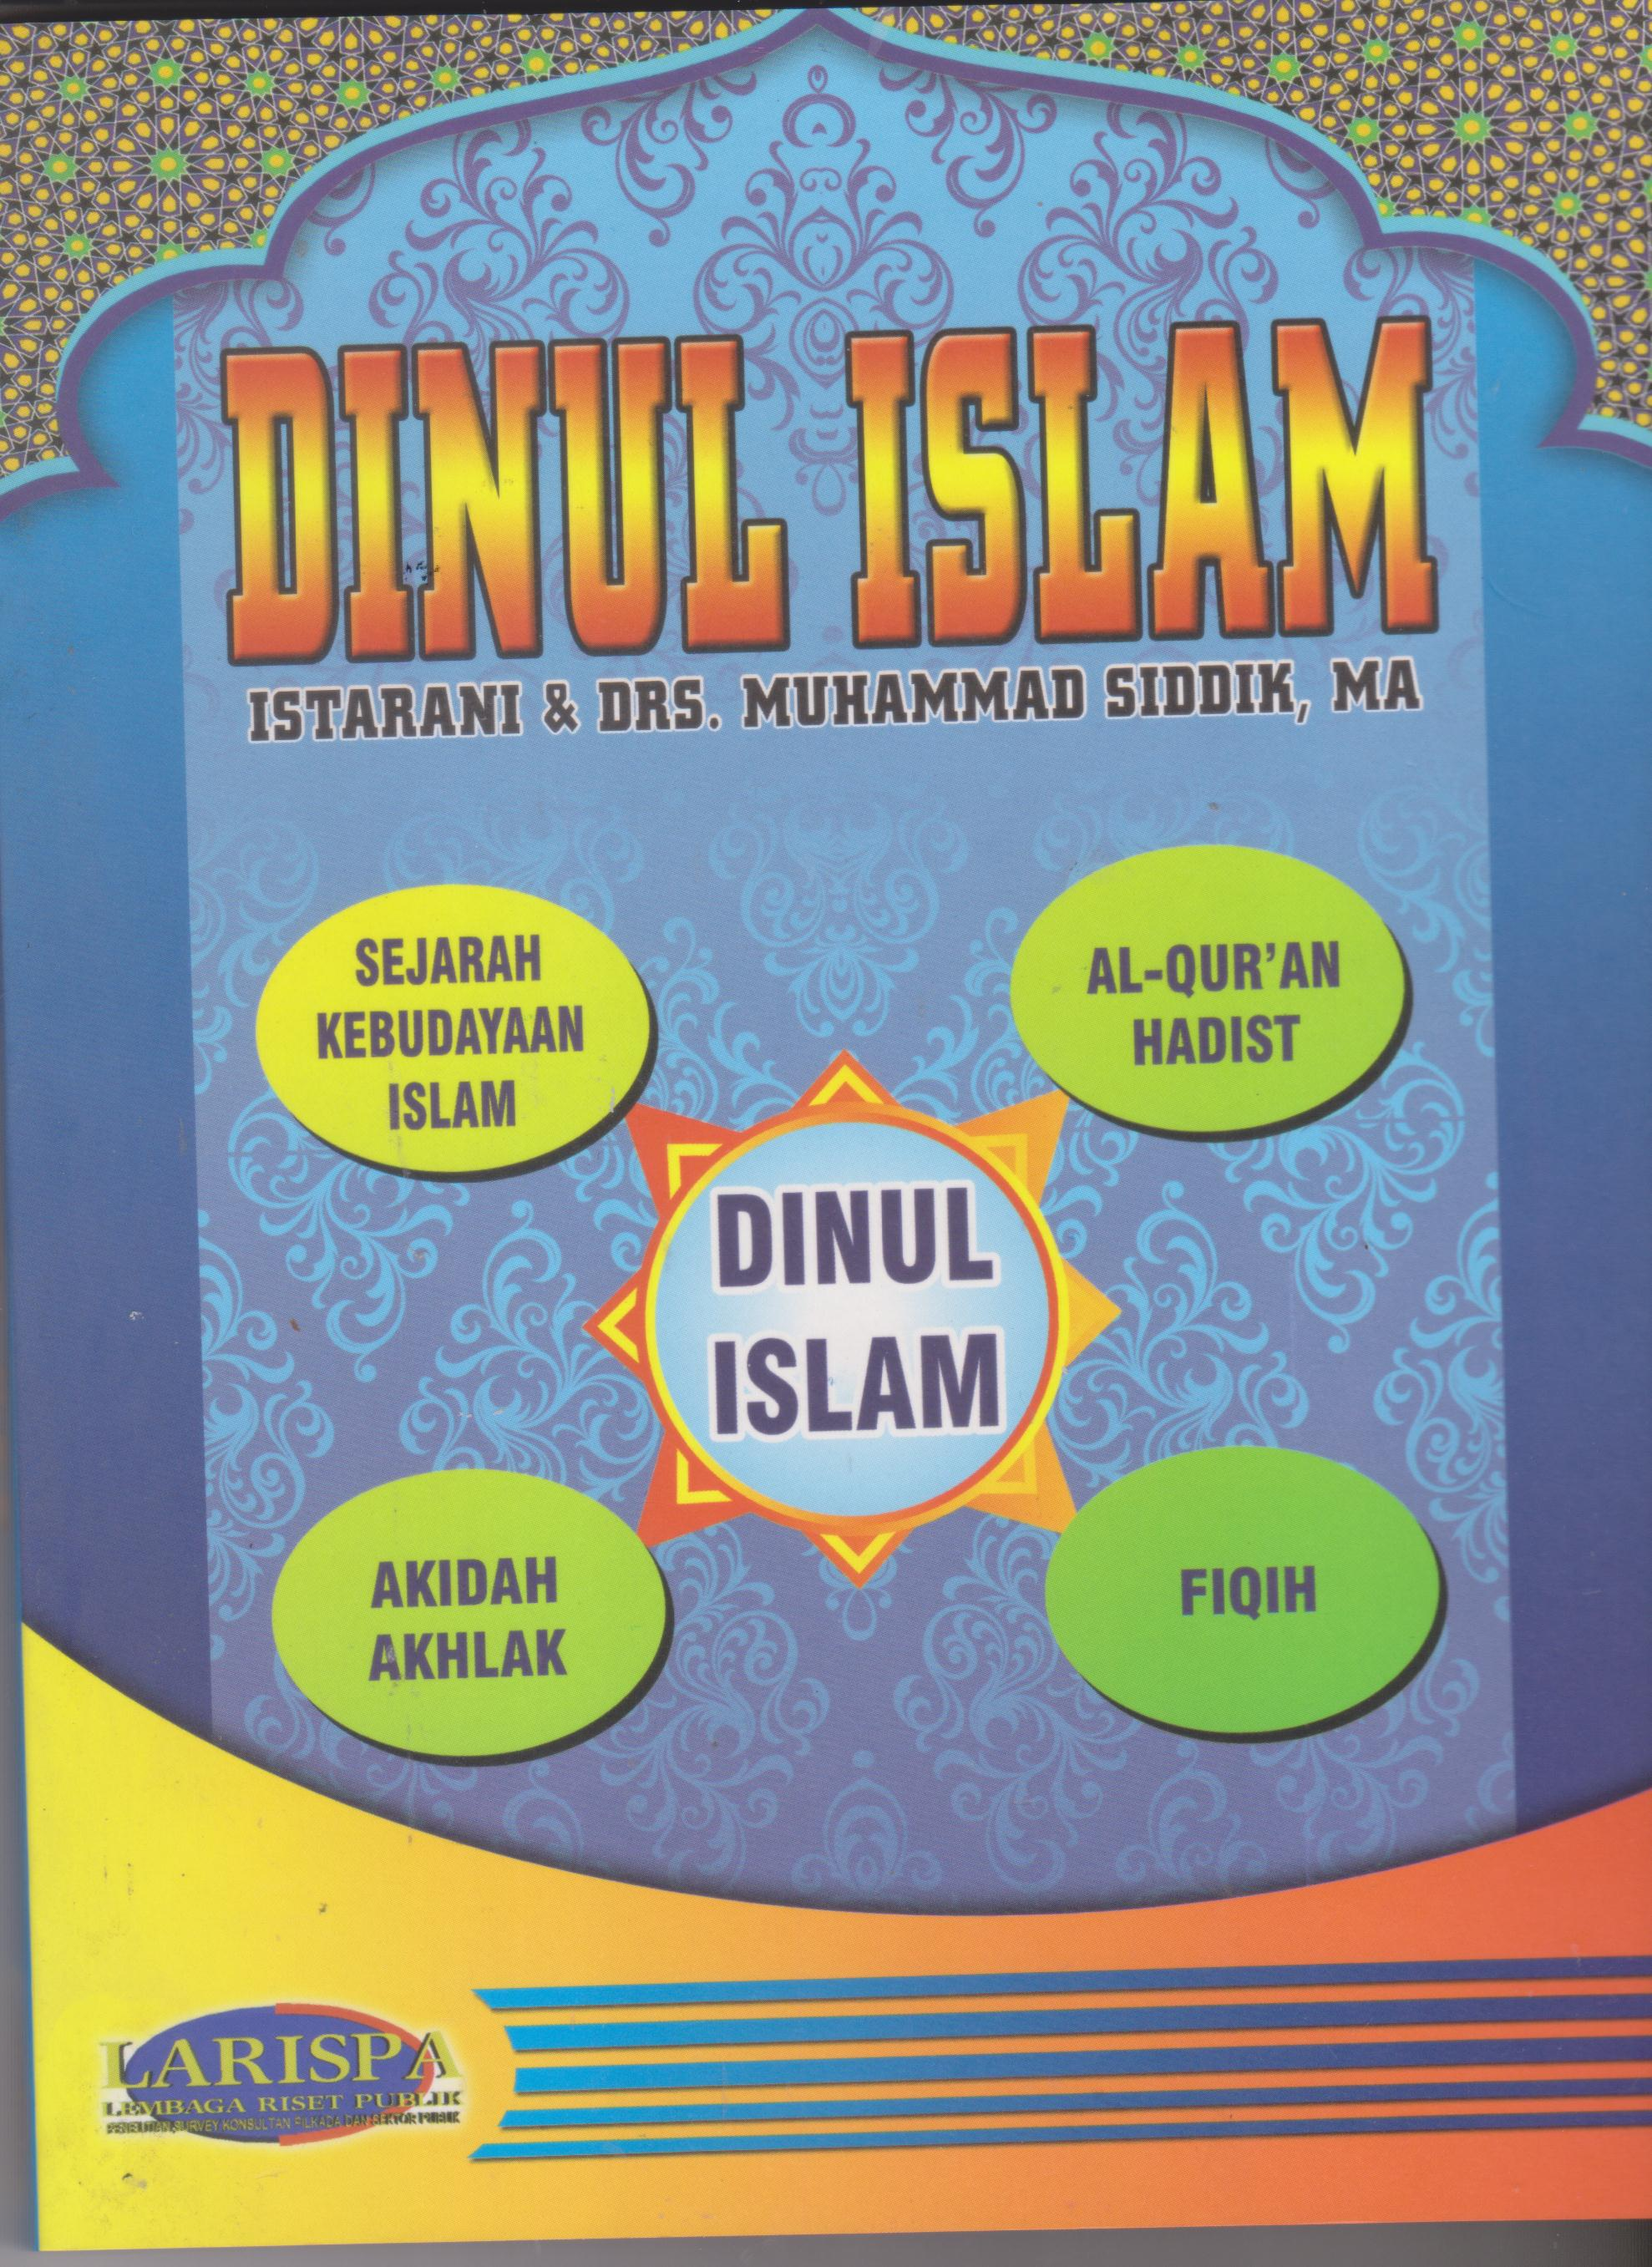 DINUL ISLAM ISTARANI & DRS.MUHAMMAD SIDDIK, MA